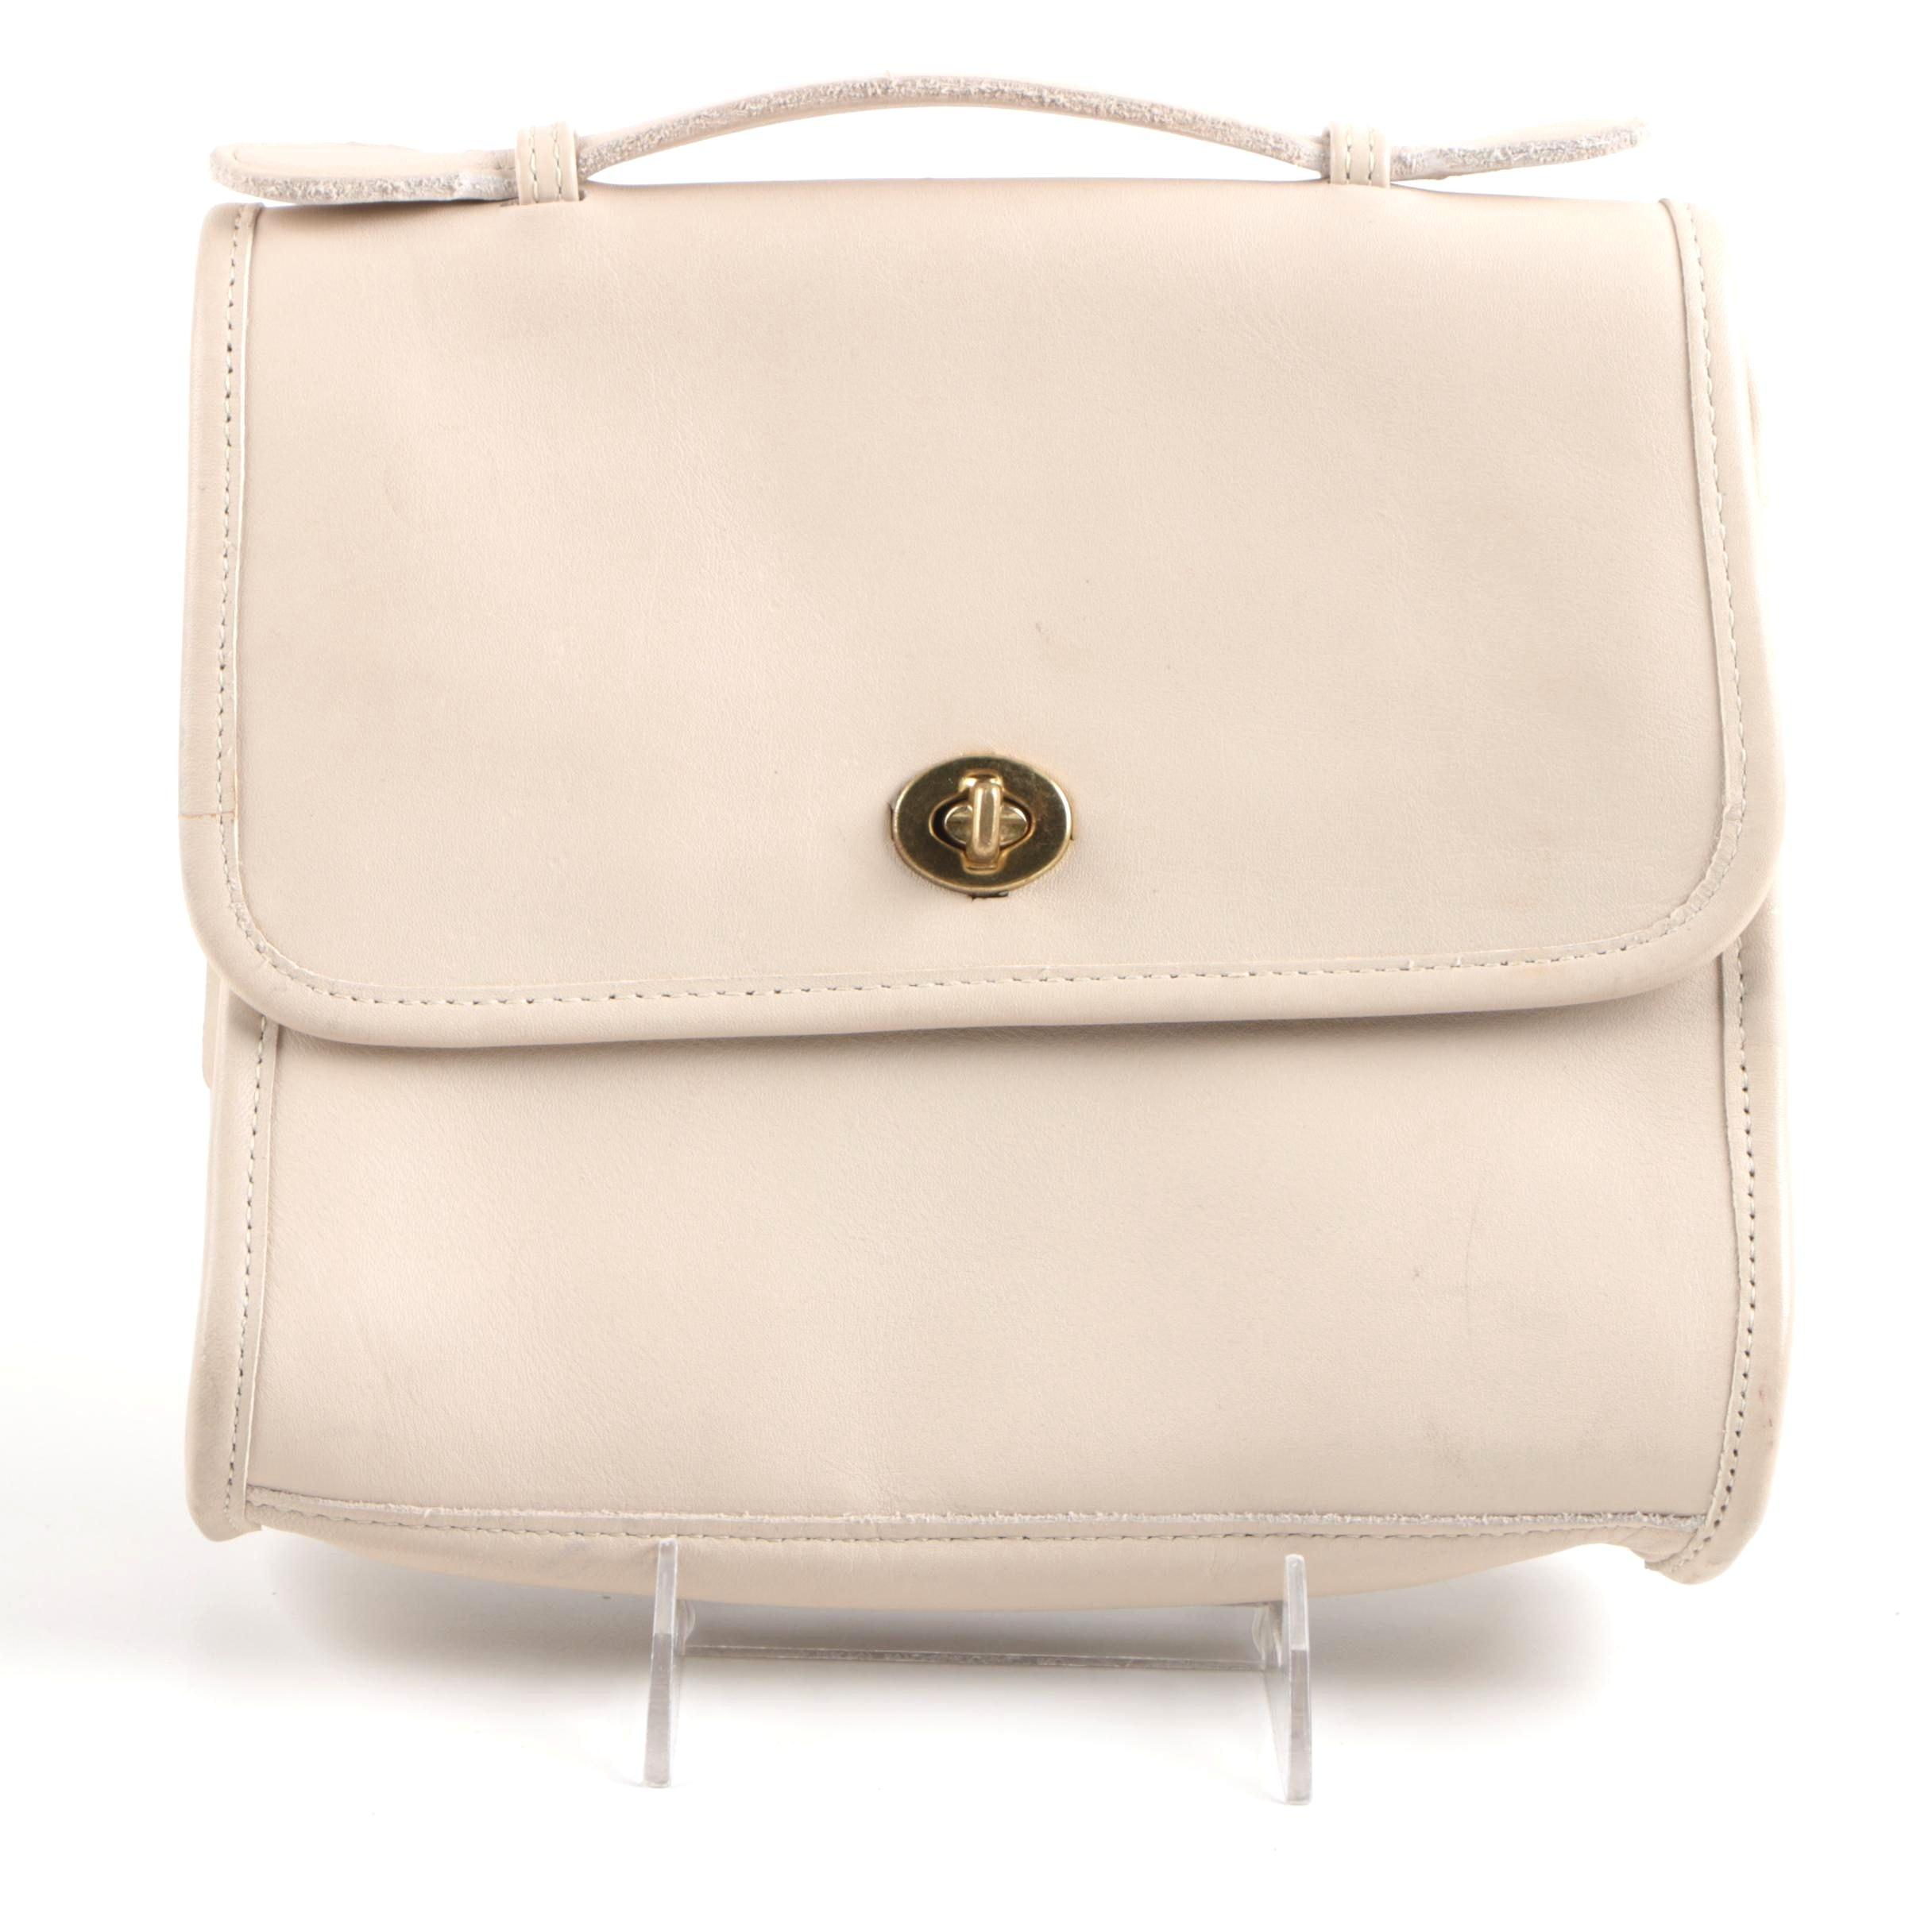 Vintage Coach Classic Court Handbag